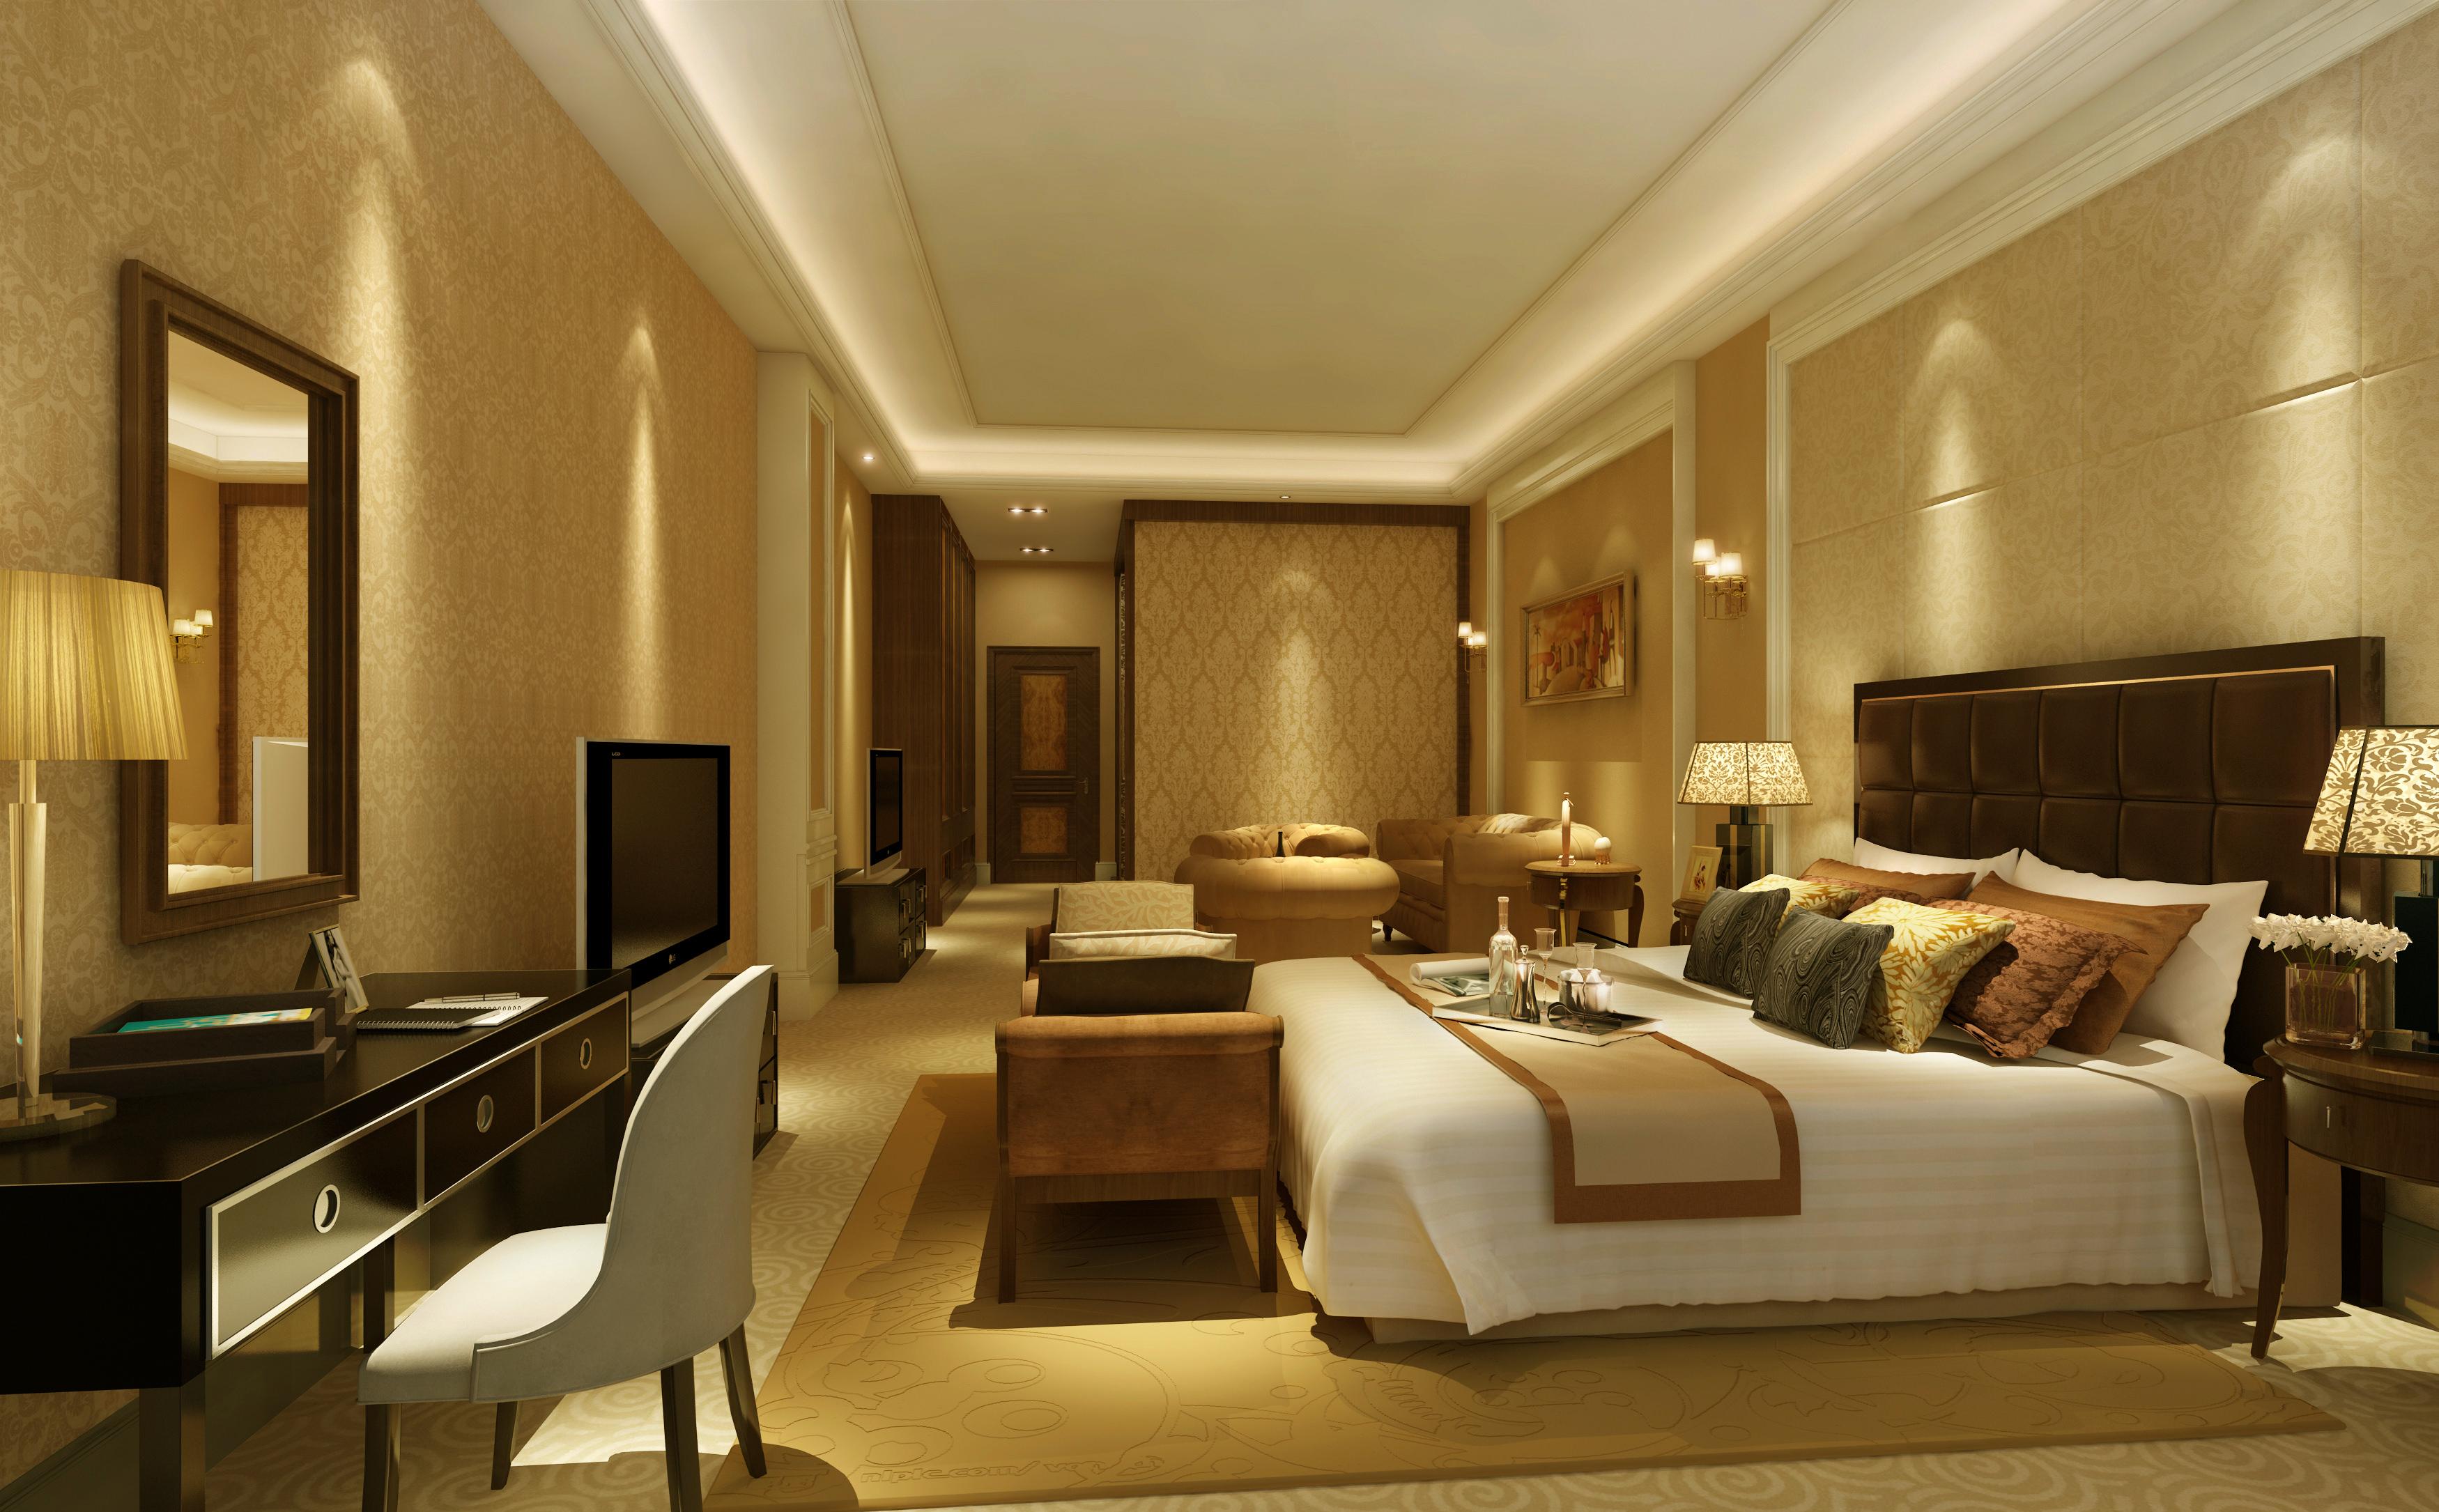 Luxury bedroom 3d model max 1Luxury bedroom 3D model MAX. Luxury Bedroom. Home Design Ideas